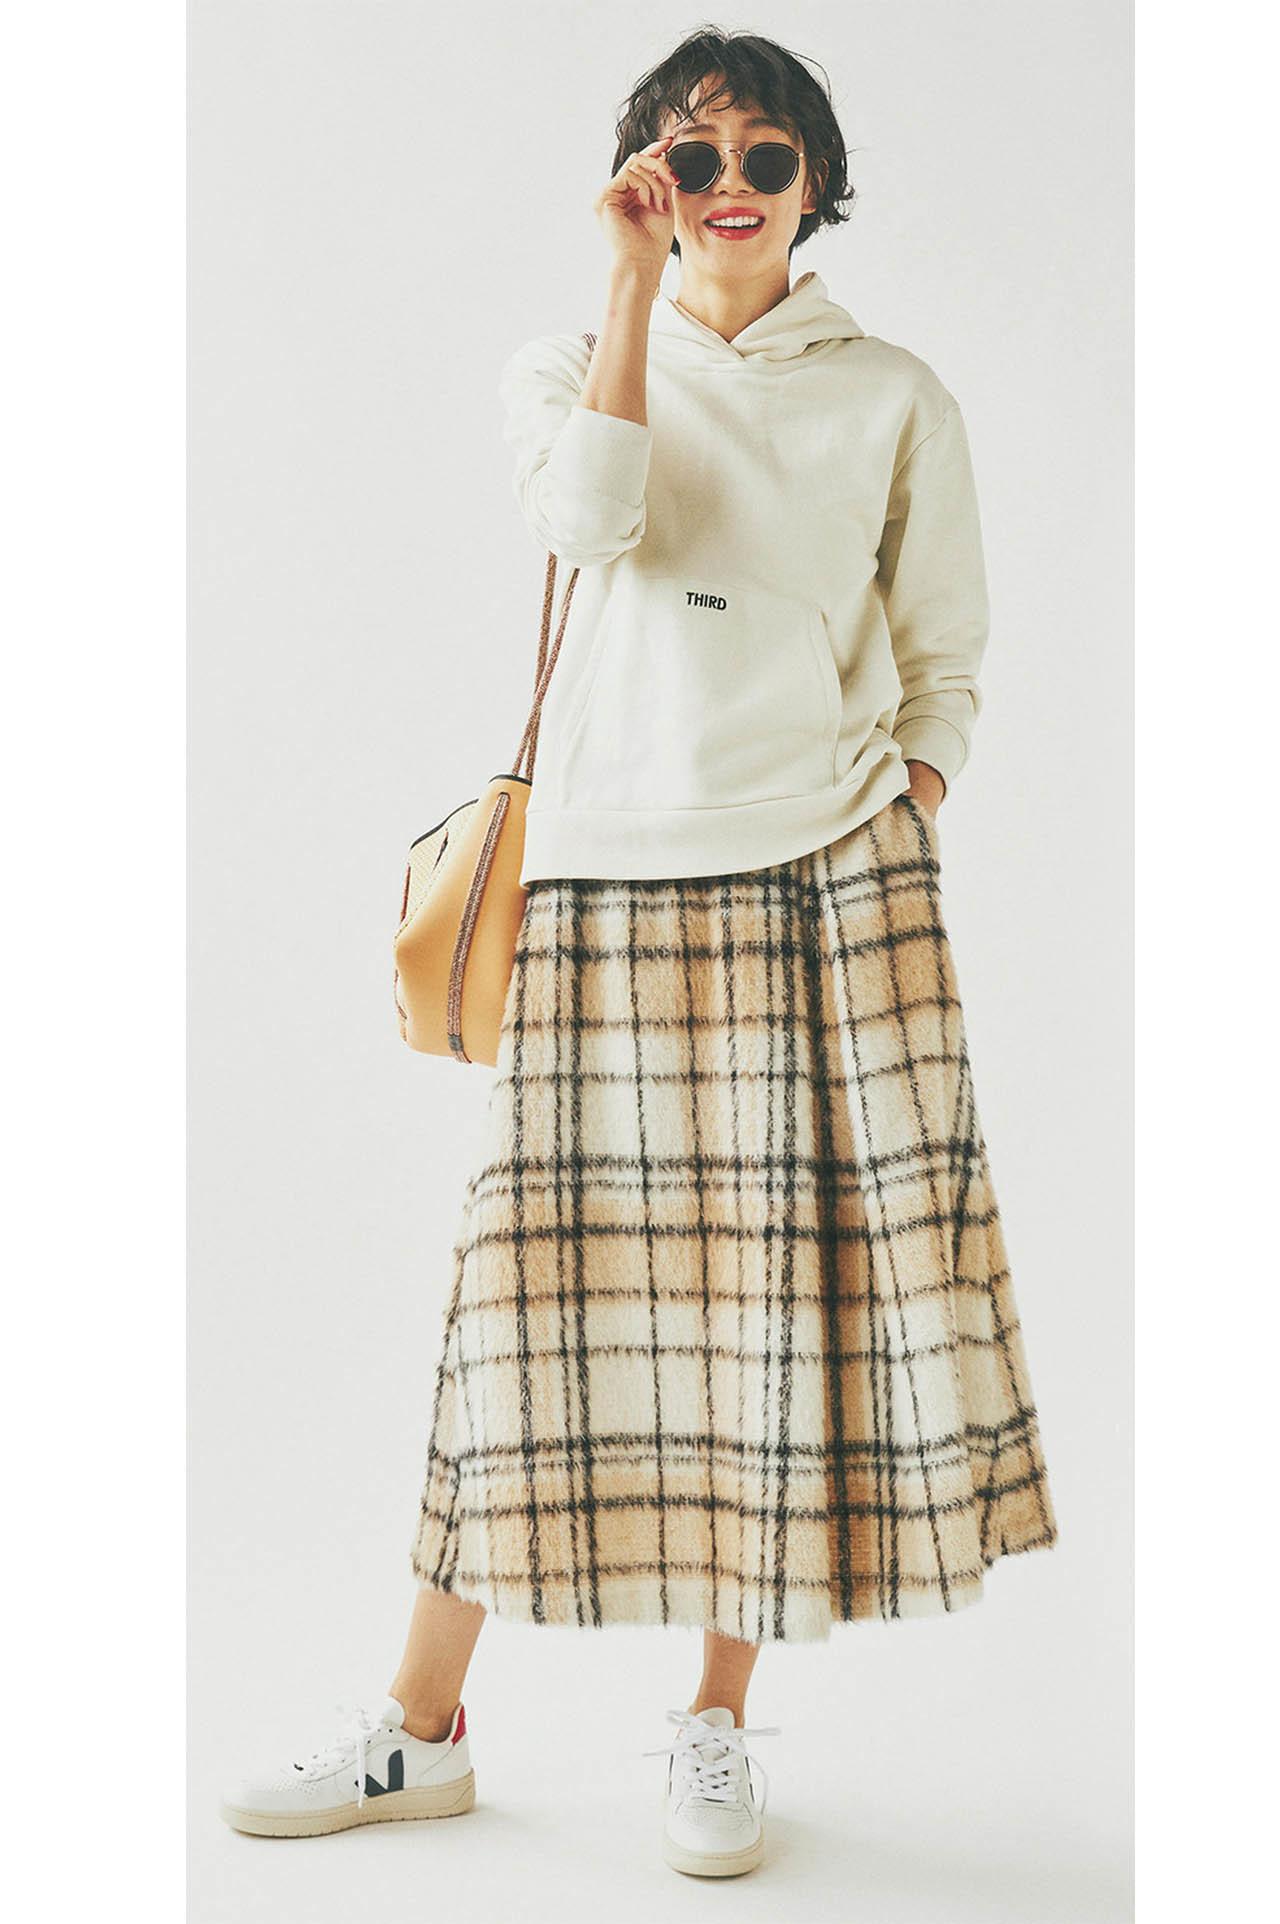 ■フーディ×チェック柄のシャギースカートコーデ